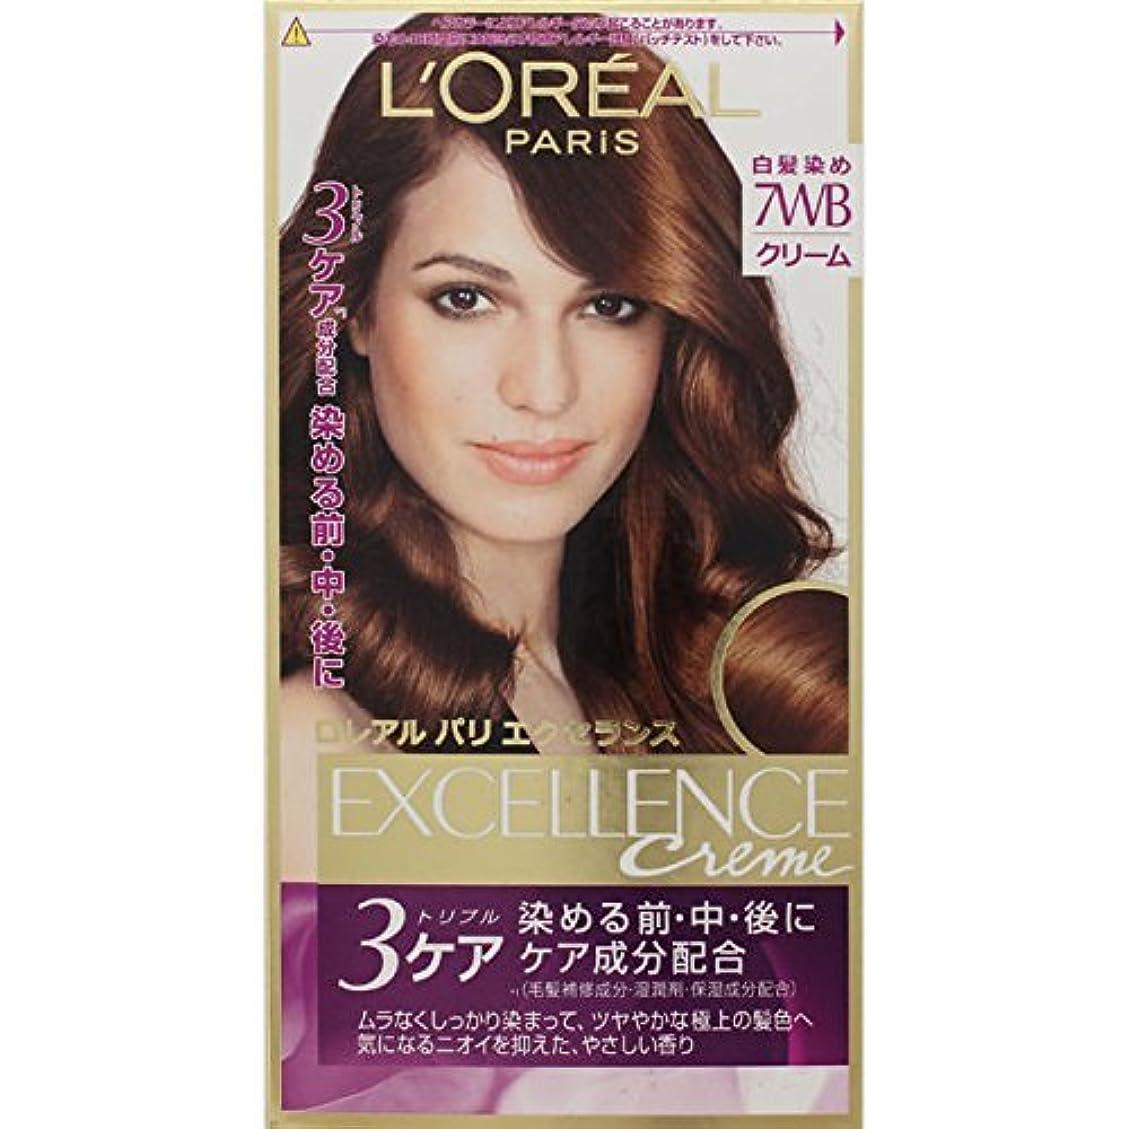 禁止トーク農学ロレアル パリ ヘアカラー 白髪染め エクセランス N クリームタイプ 7WB ウォーム系の明るい栗色